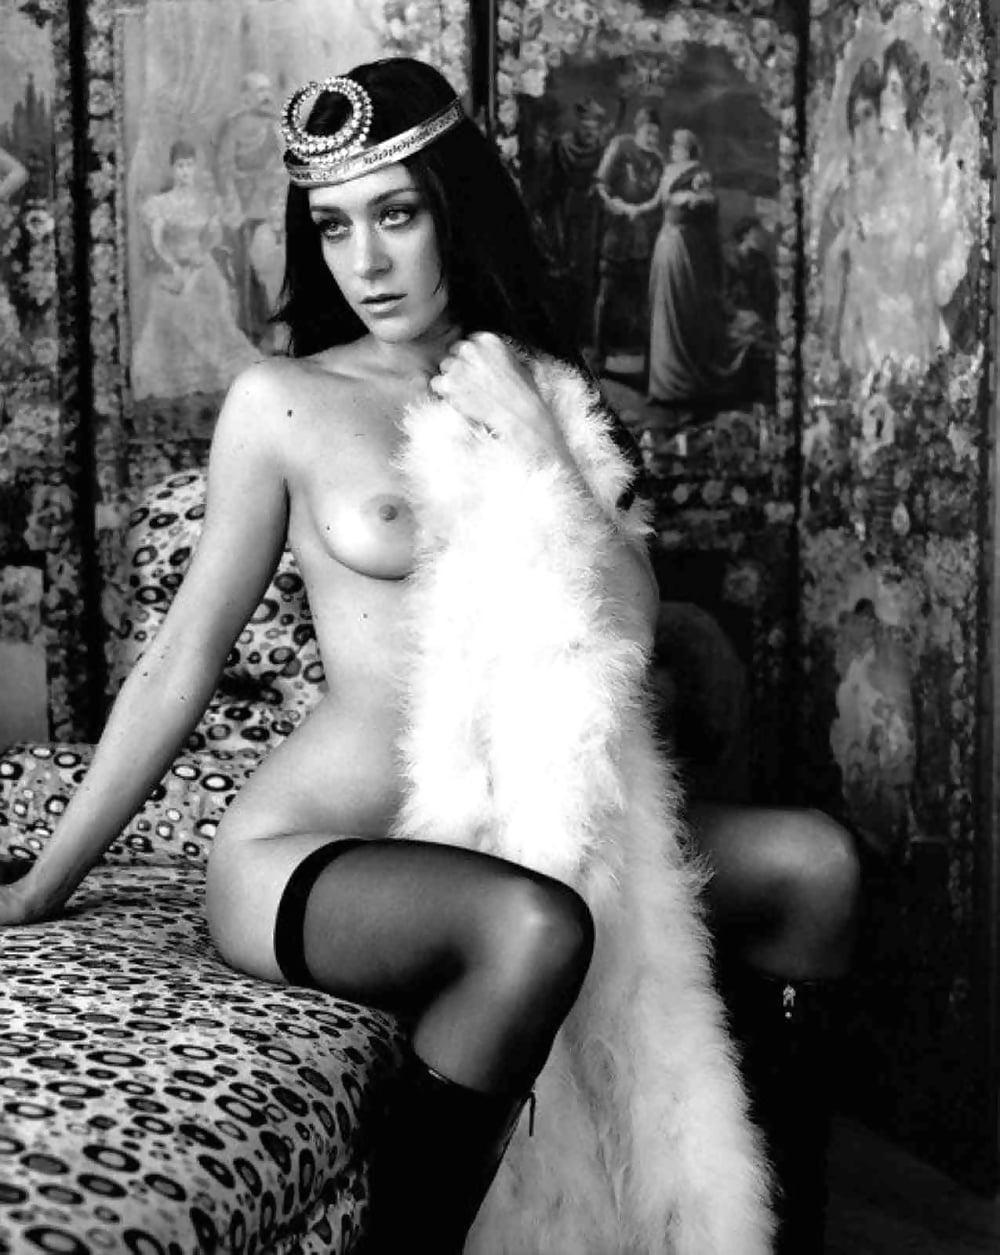 Chloe sevigny nude pics